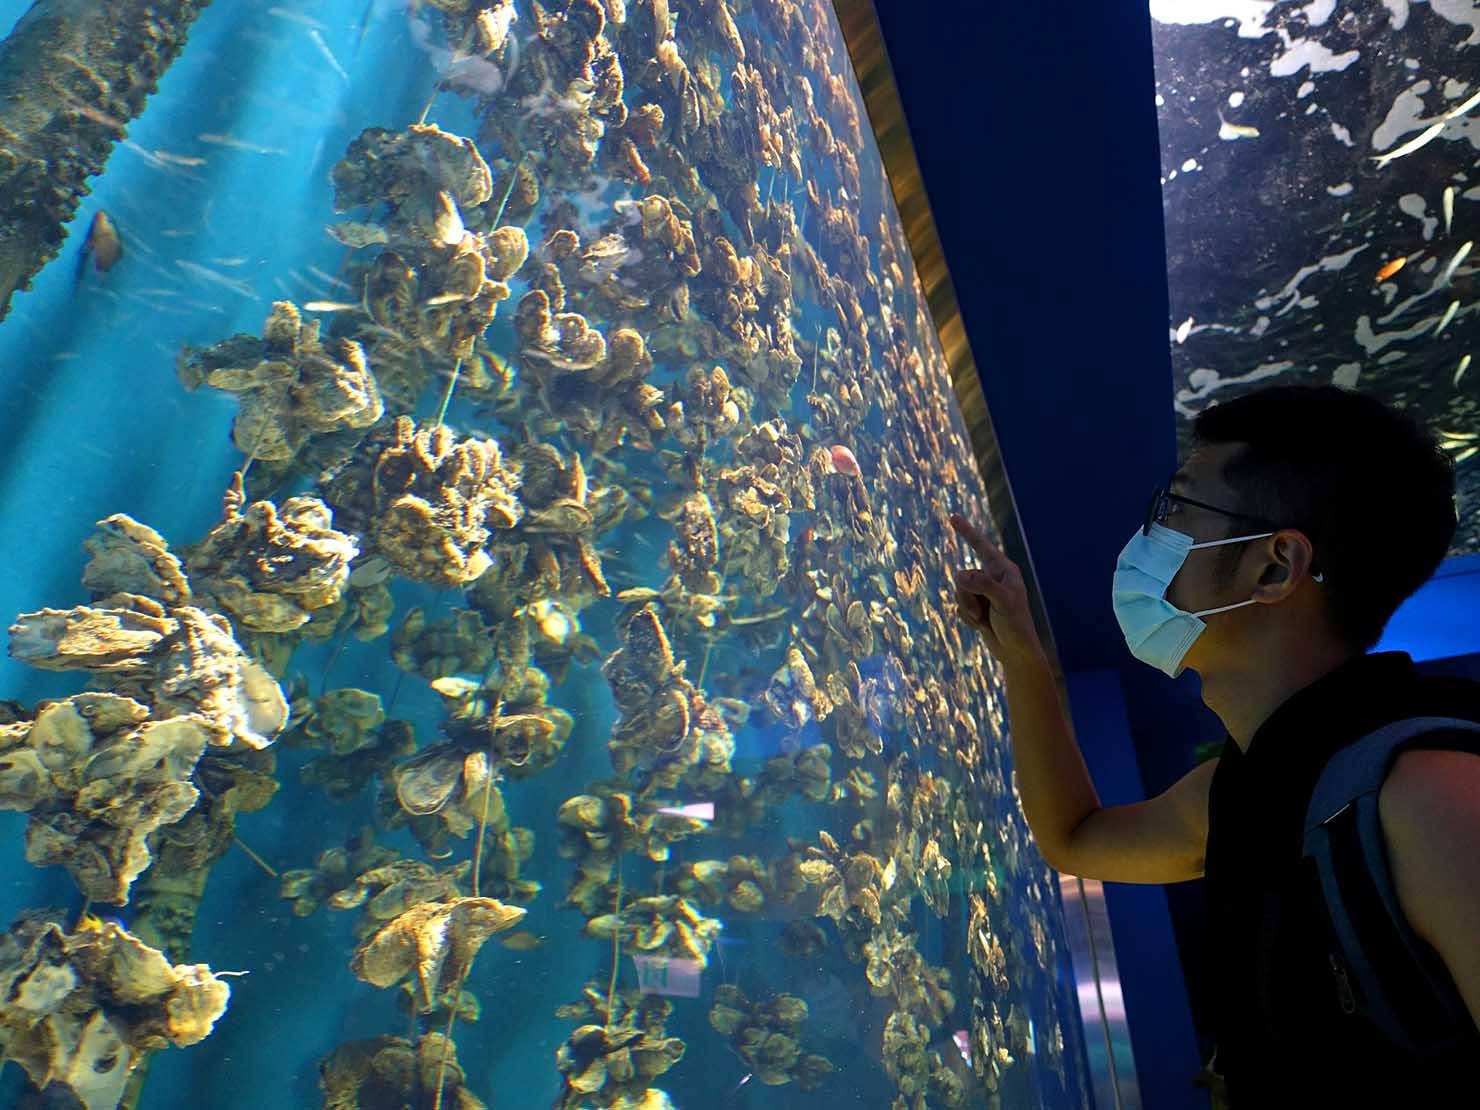 台北に誕生した都市型水族館「Xpark」の牡蠣が並ぶ水槽